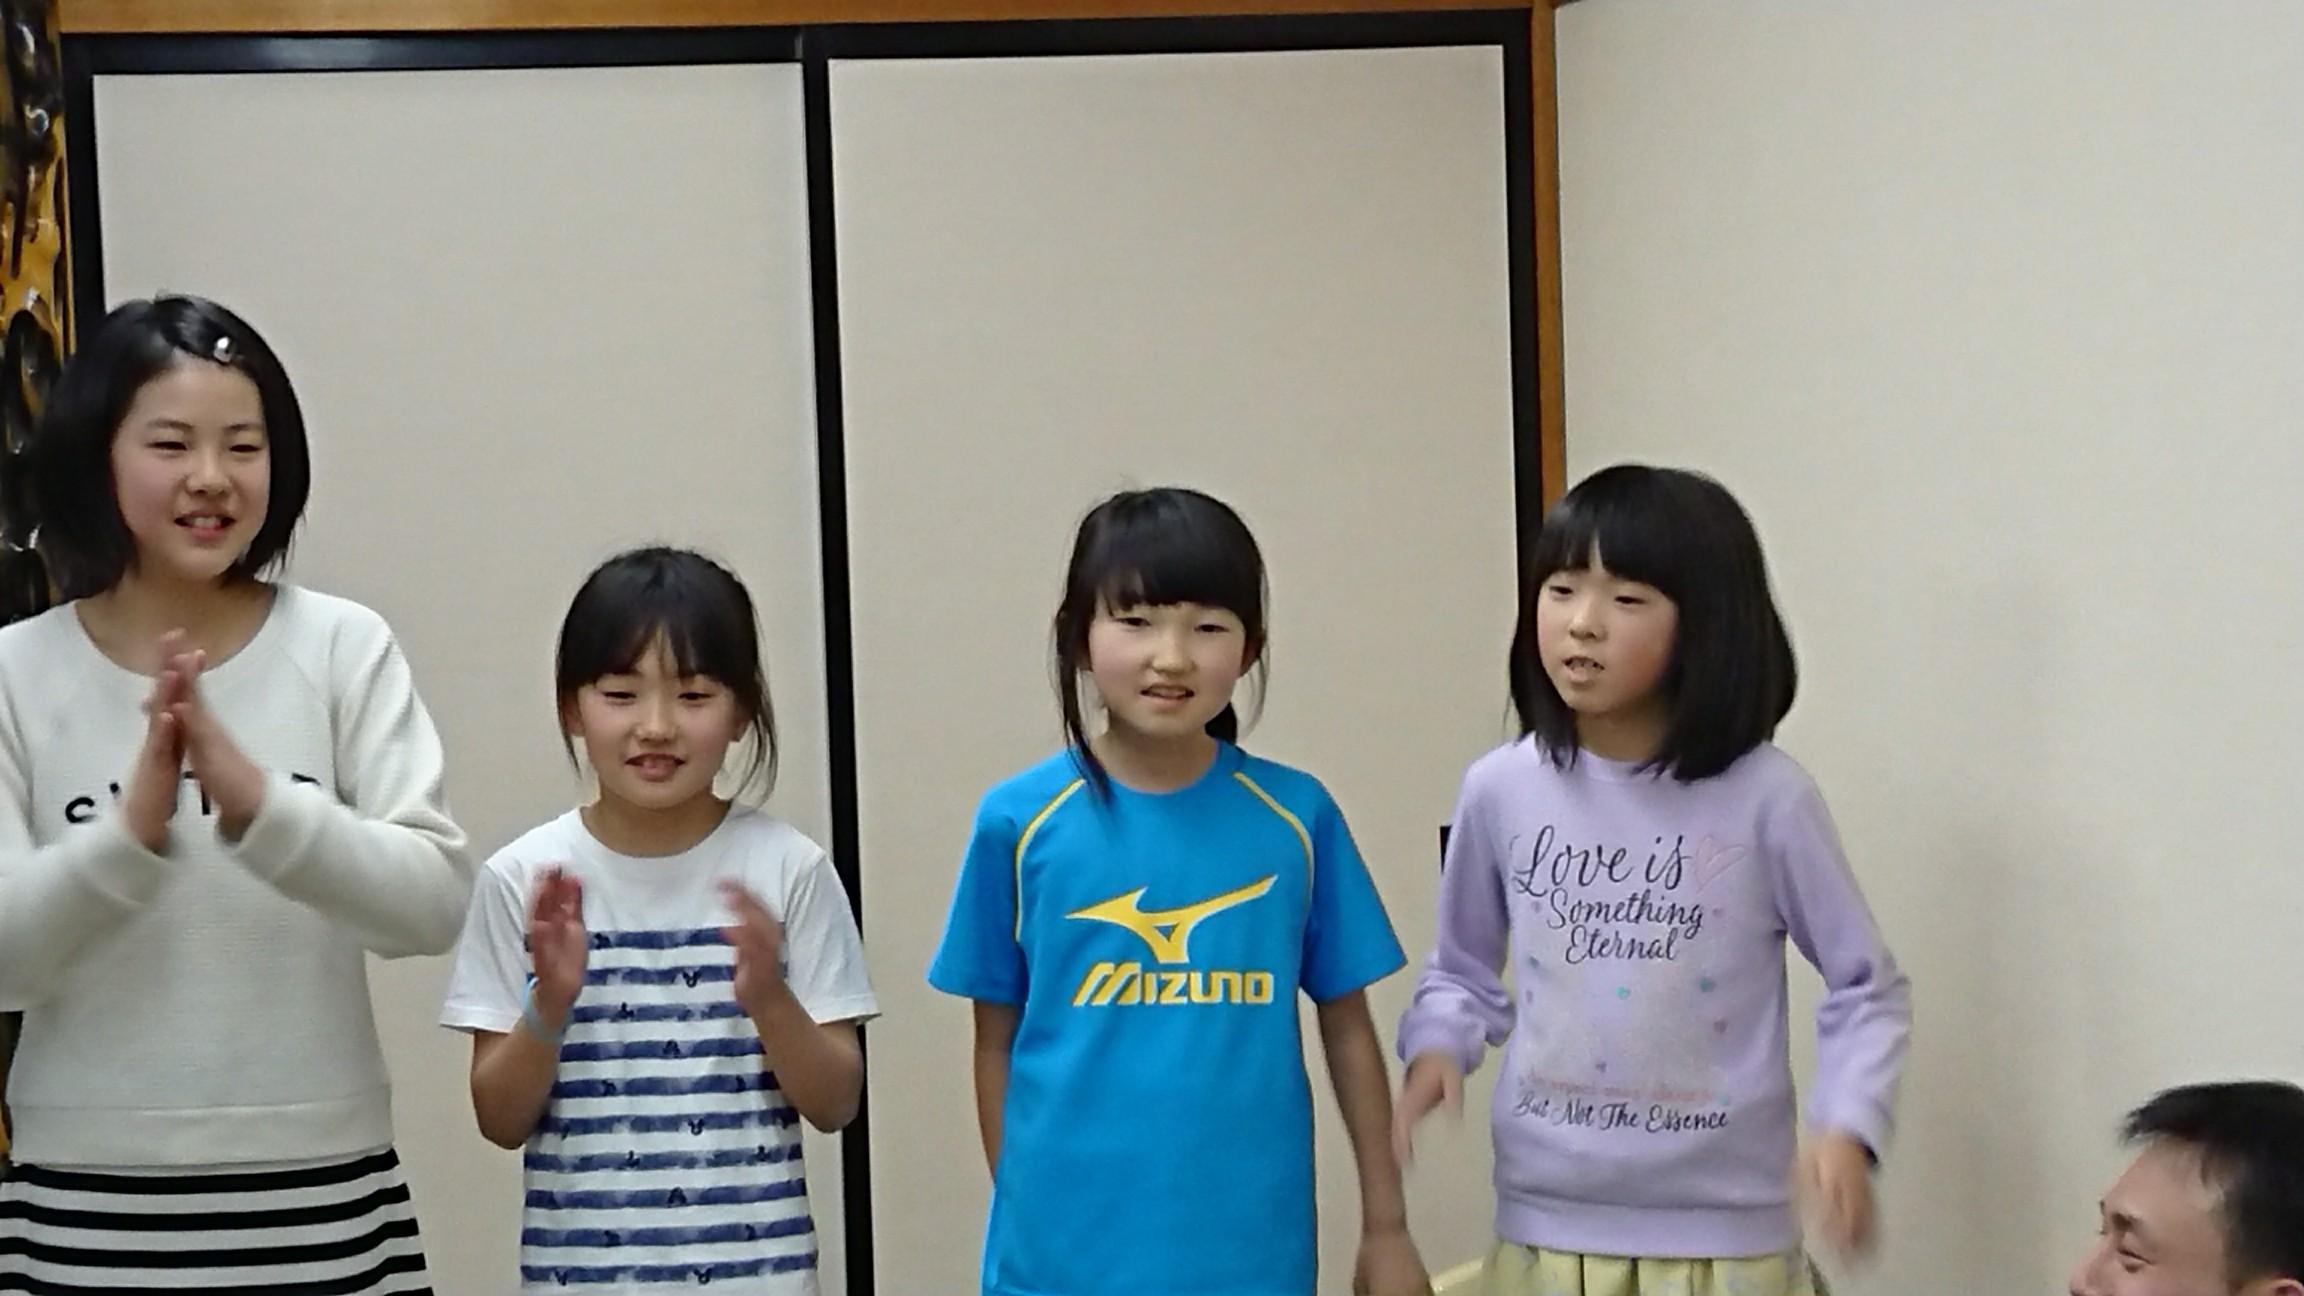 moblog_f589da84.jpg